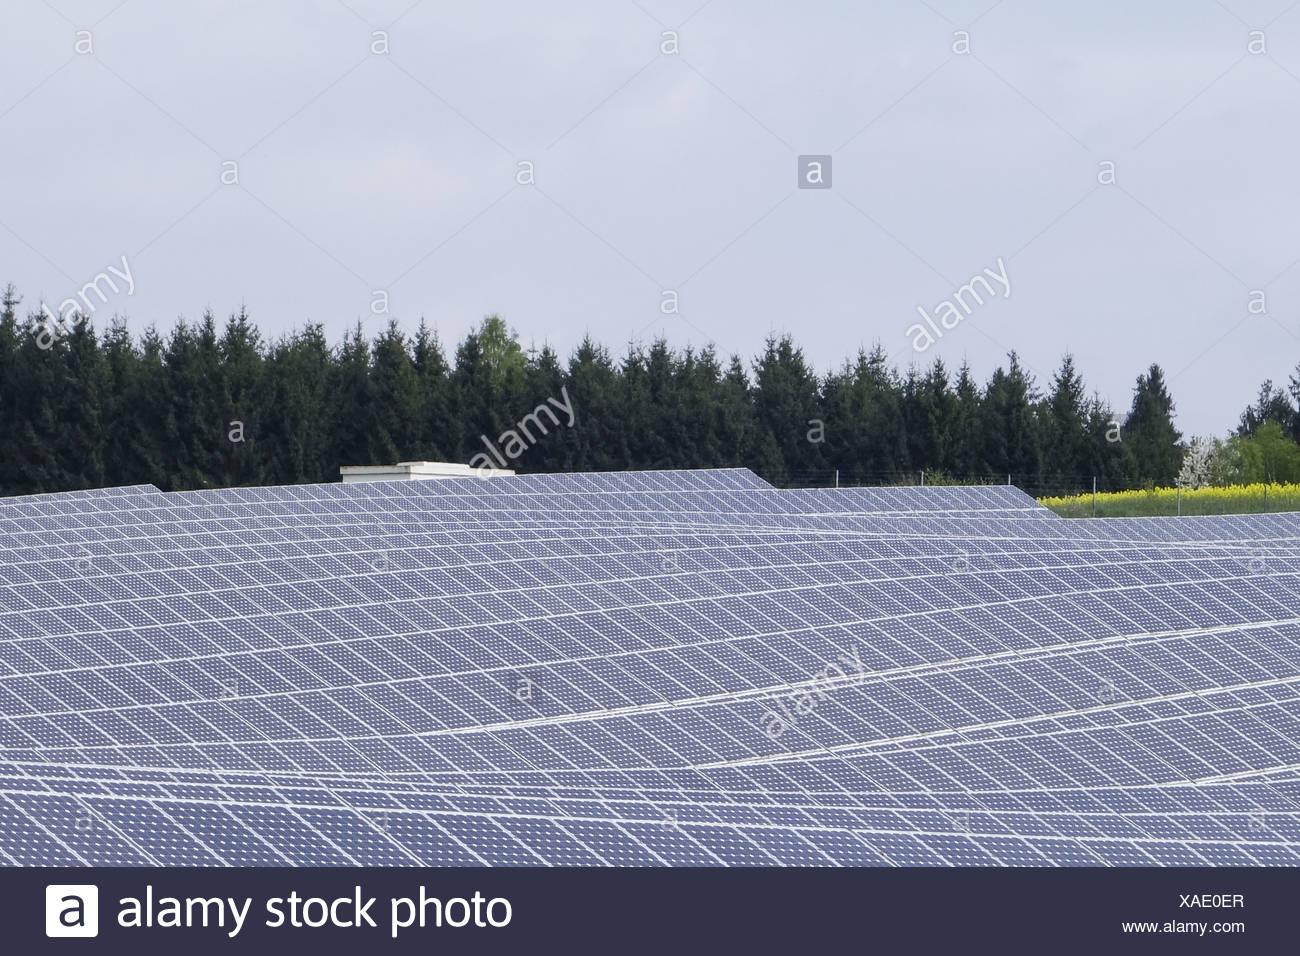 Solarfeld in Niederbayern, Bayern, Deutschland, Europa - Stock Image